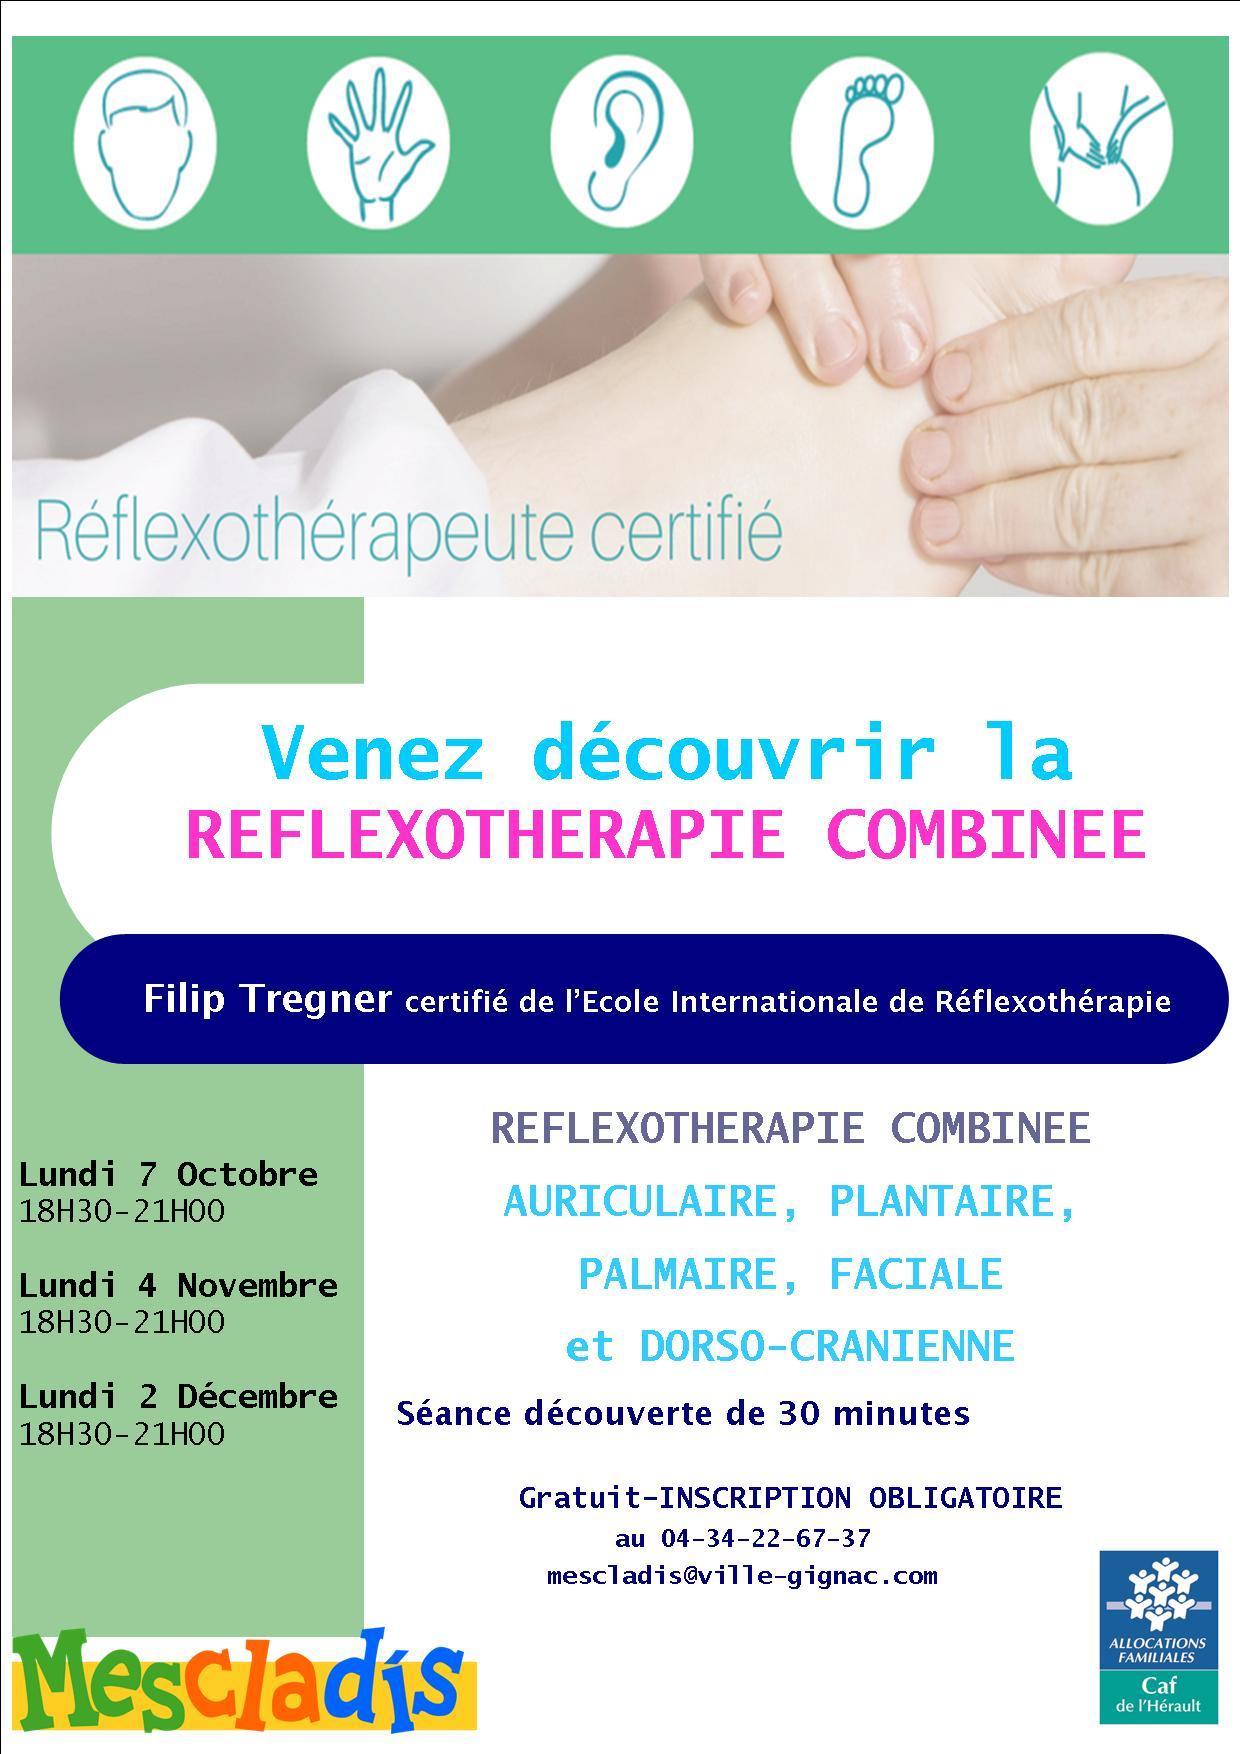 atelier reflexotherapie combine